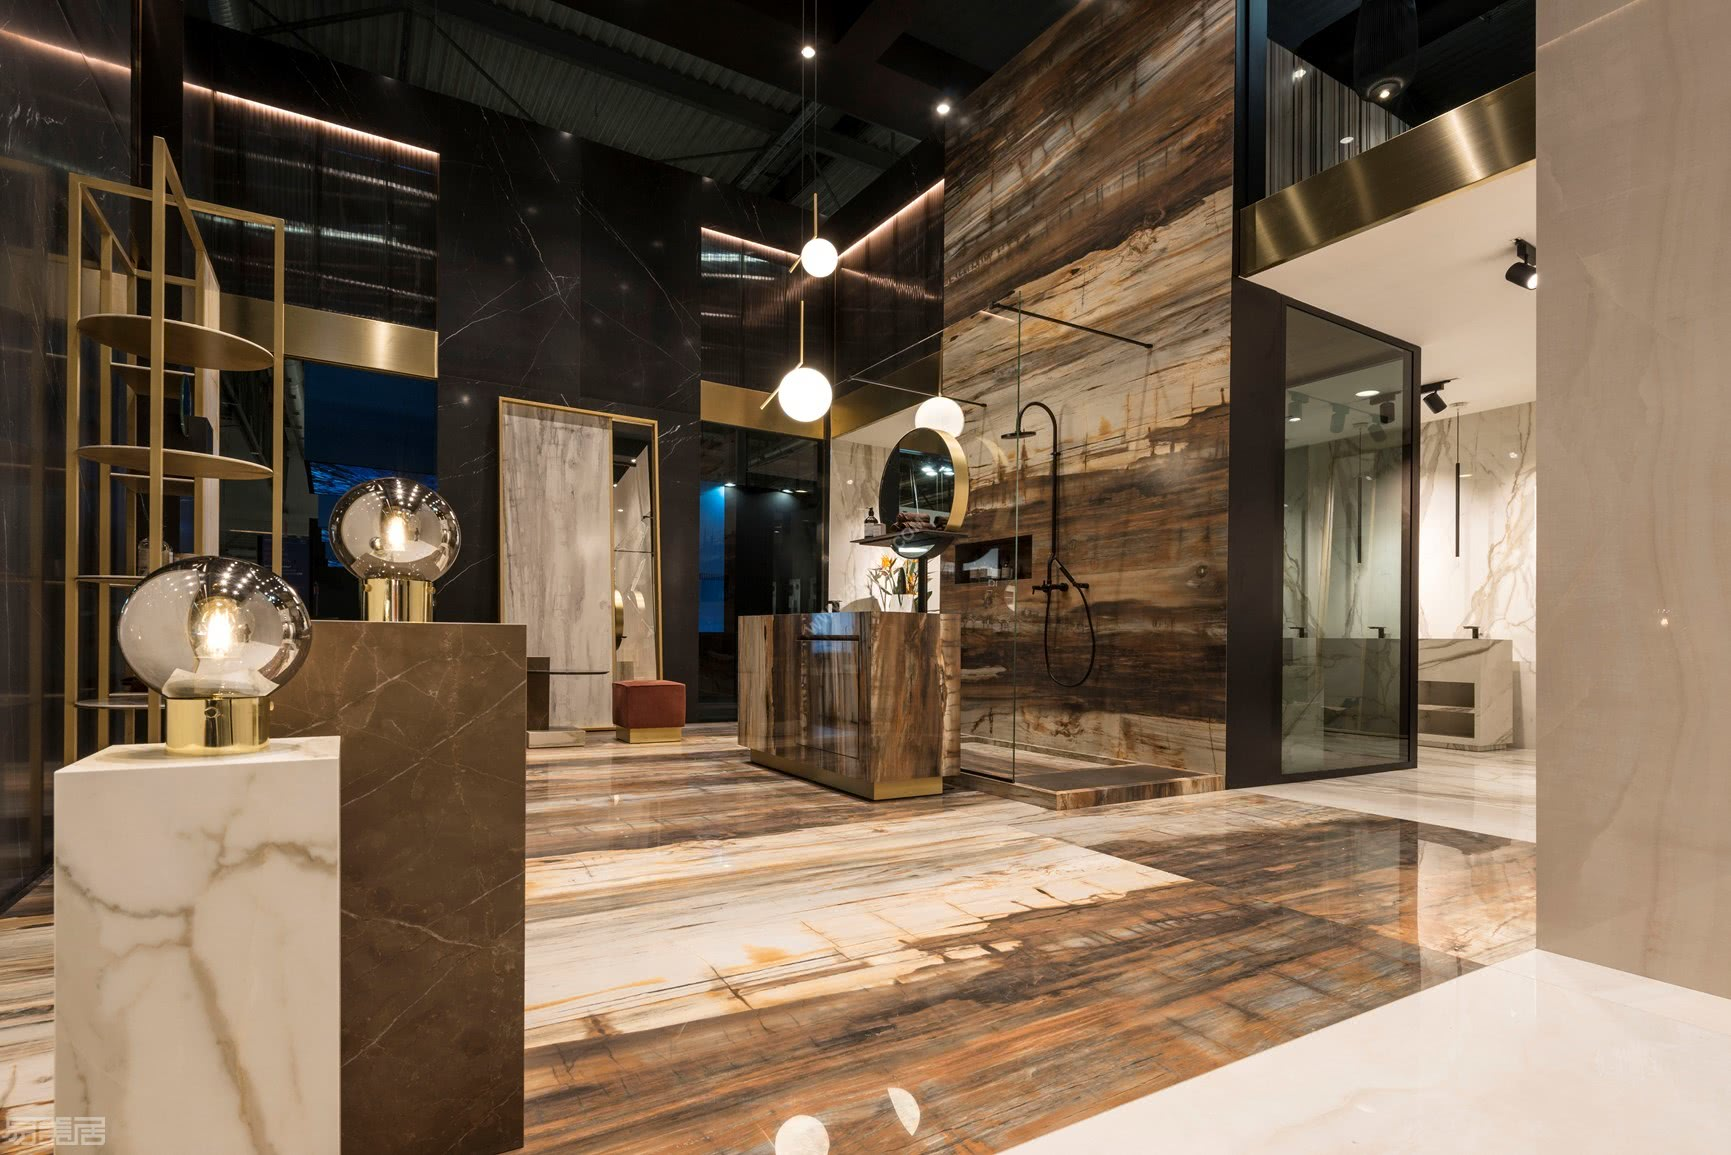 创新陶瓷设计,意大利陶瓷品牌Iris Ceramica的全新系列,意大利陶瓷品牌,Iris